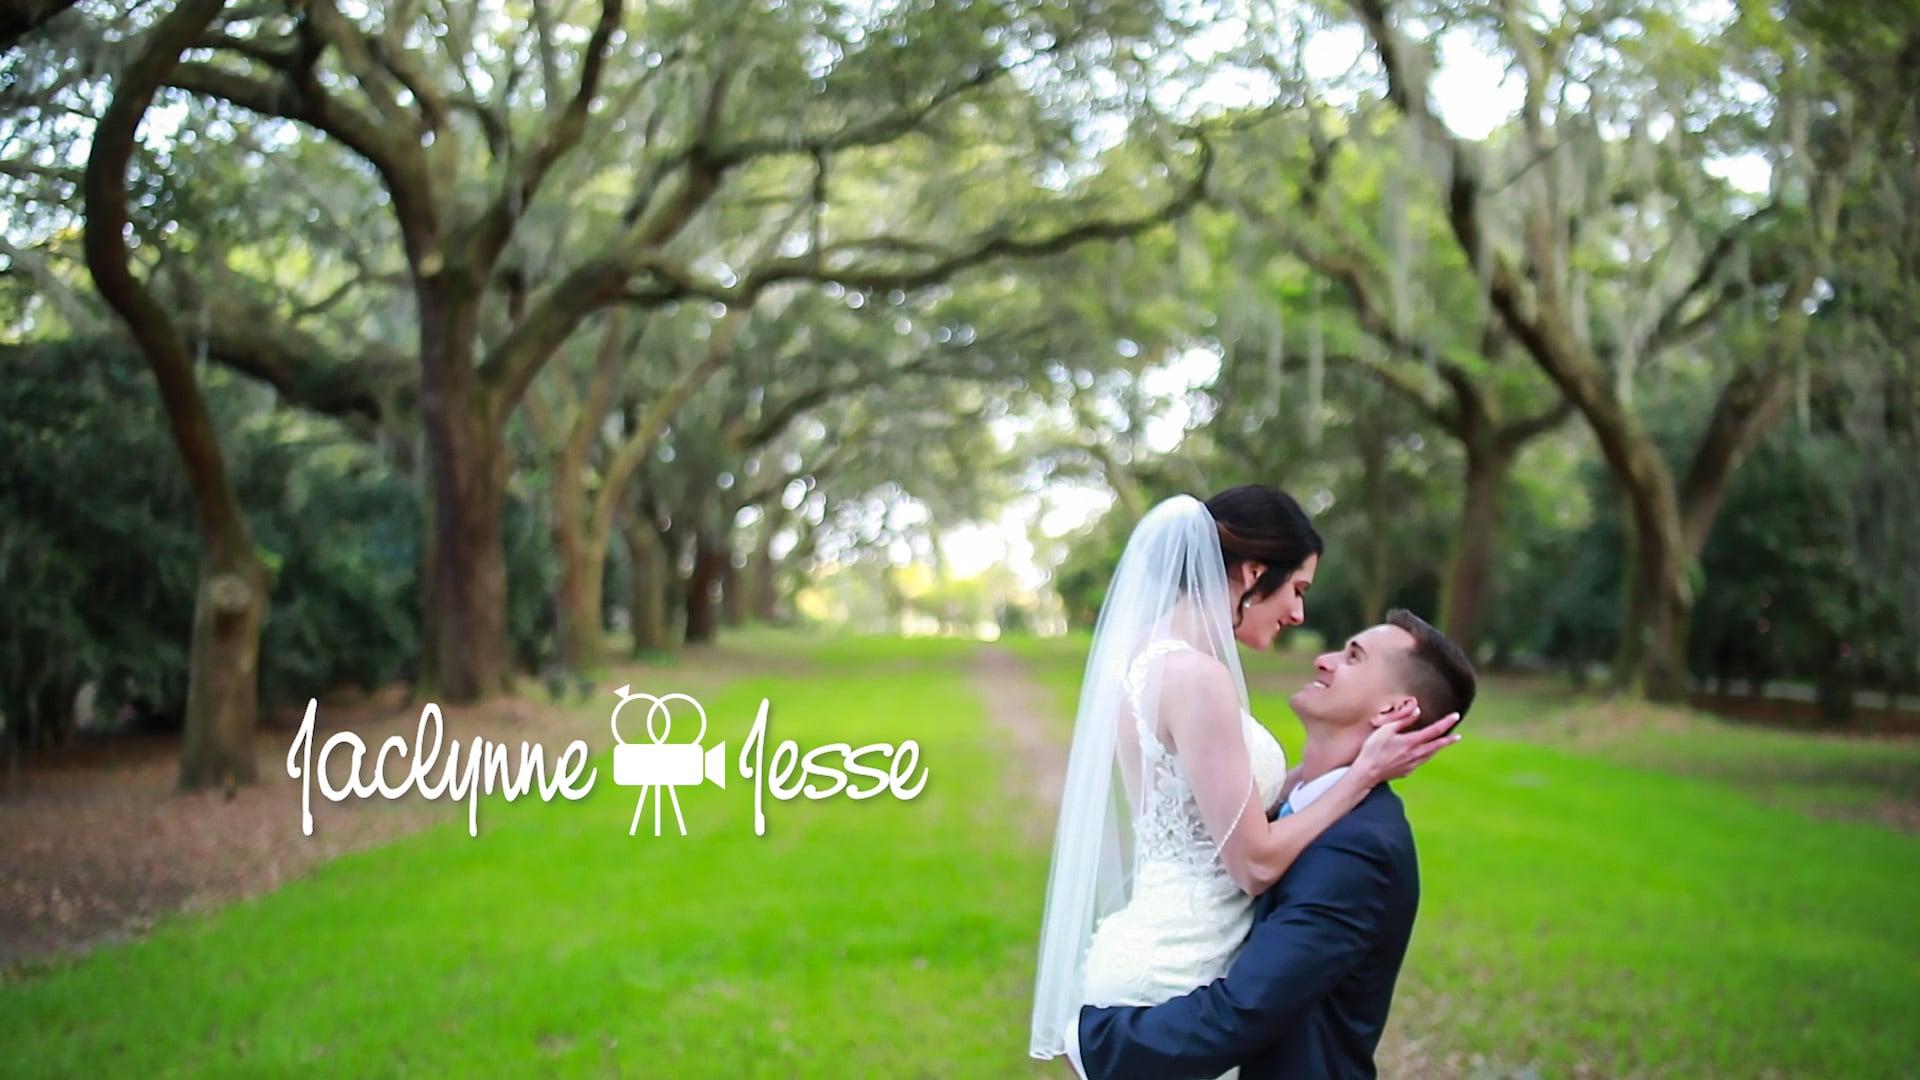 Jaclynne + Jesse | Trailer